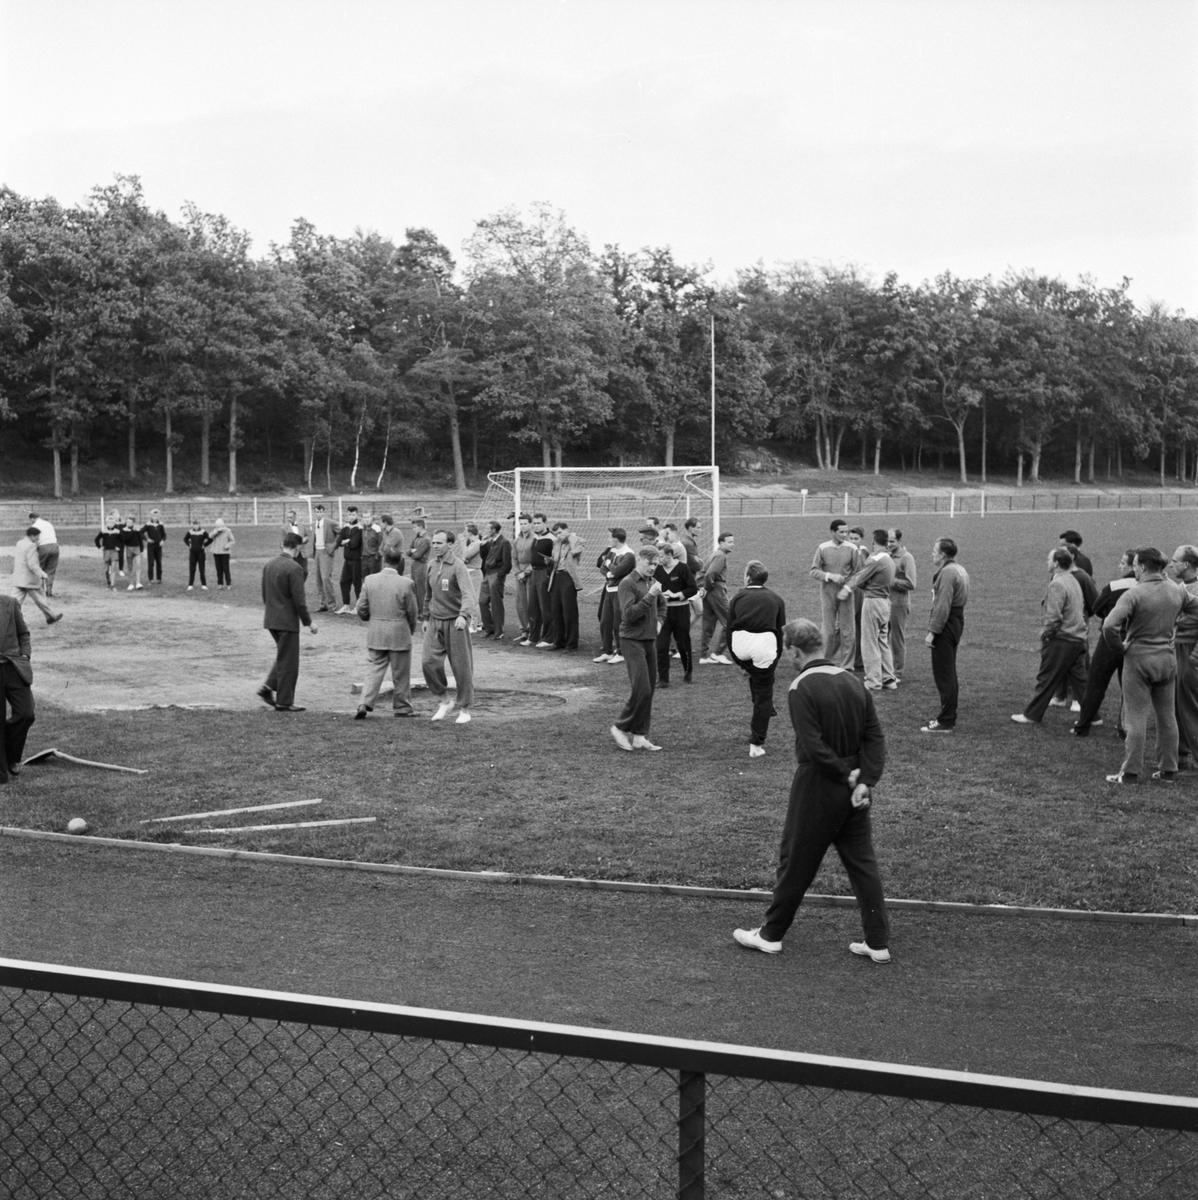 Övrigt: Foto datum: 16/8 1956 Byggnader och kranar Idrottsbilder